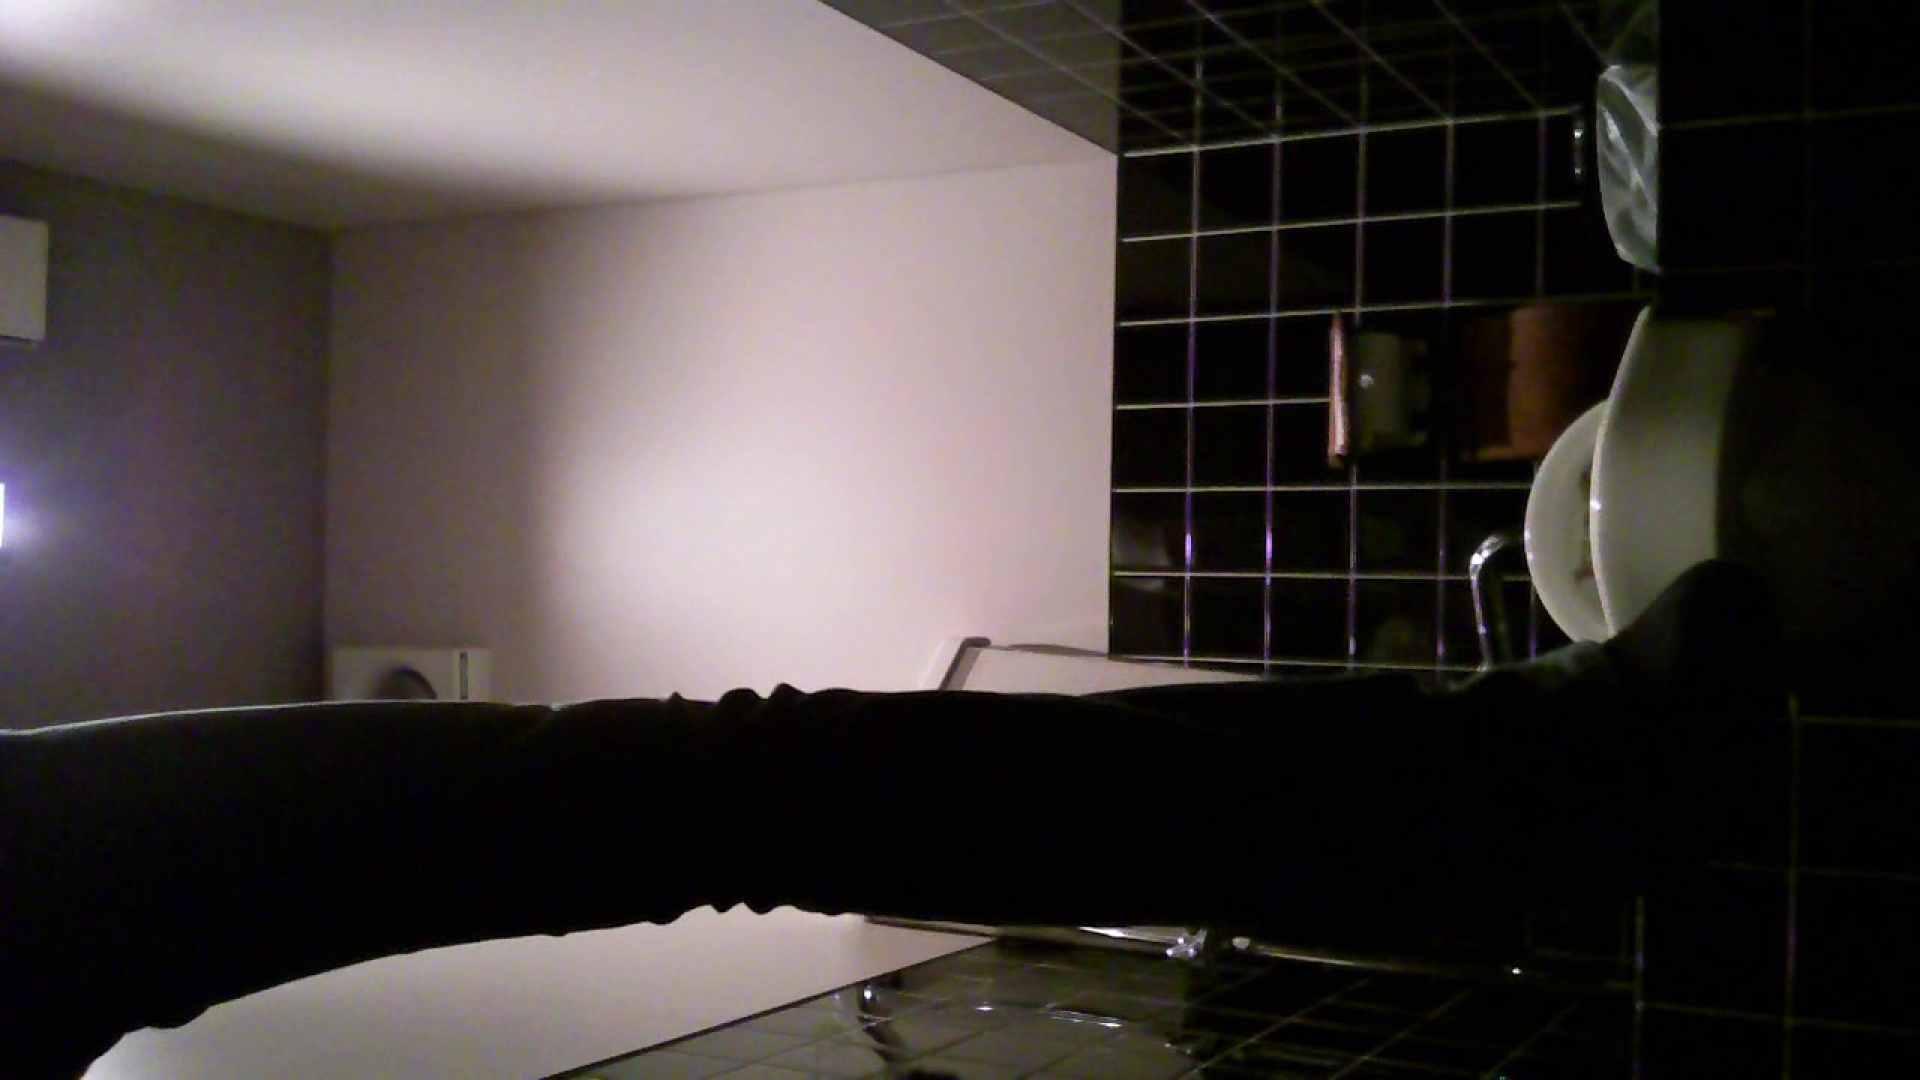 美女の集まる飲み屋洗面所 vol.01 美女 のぞき動画画像 104連発 71